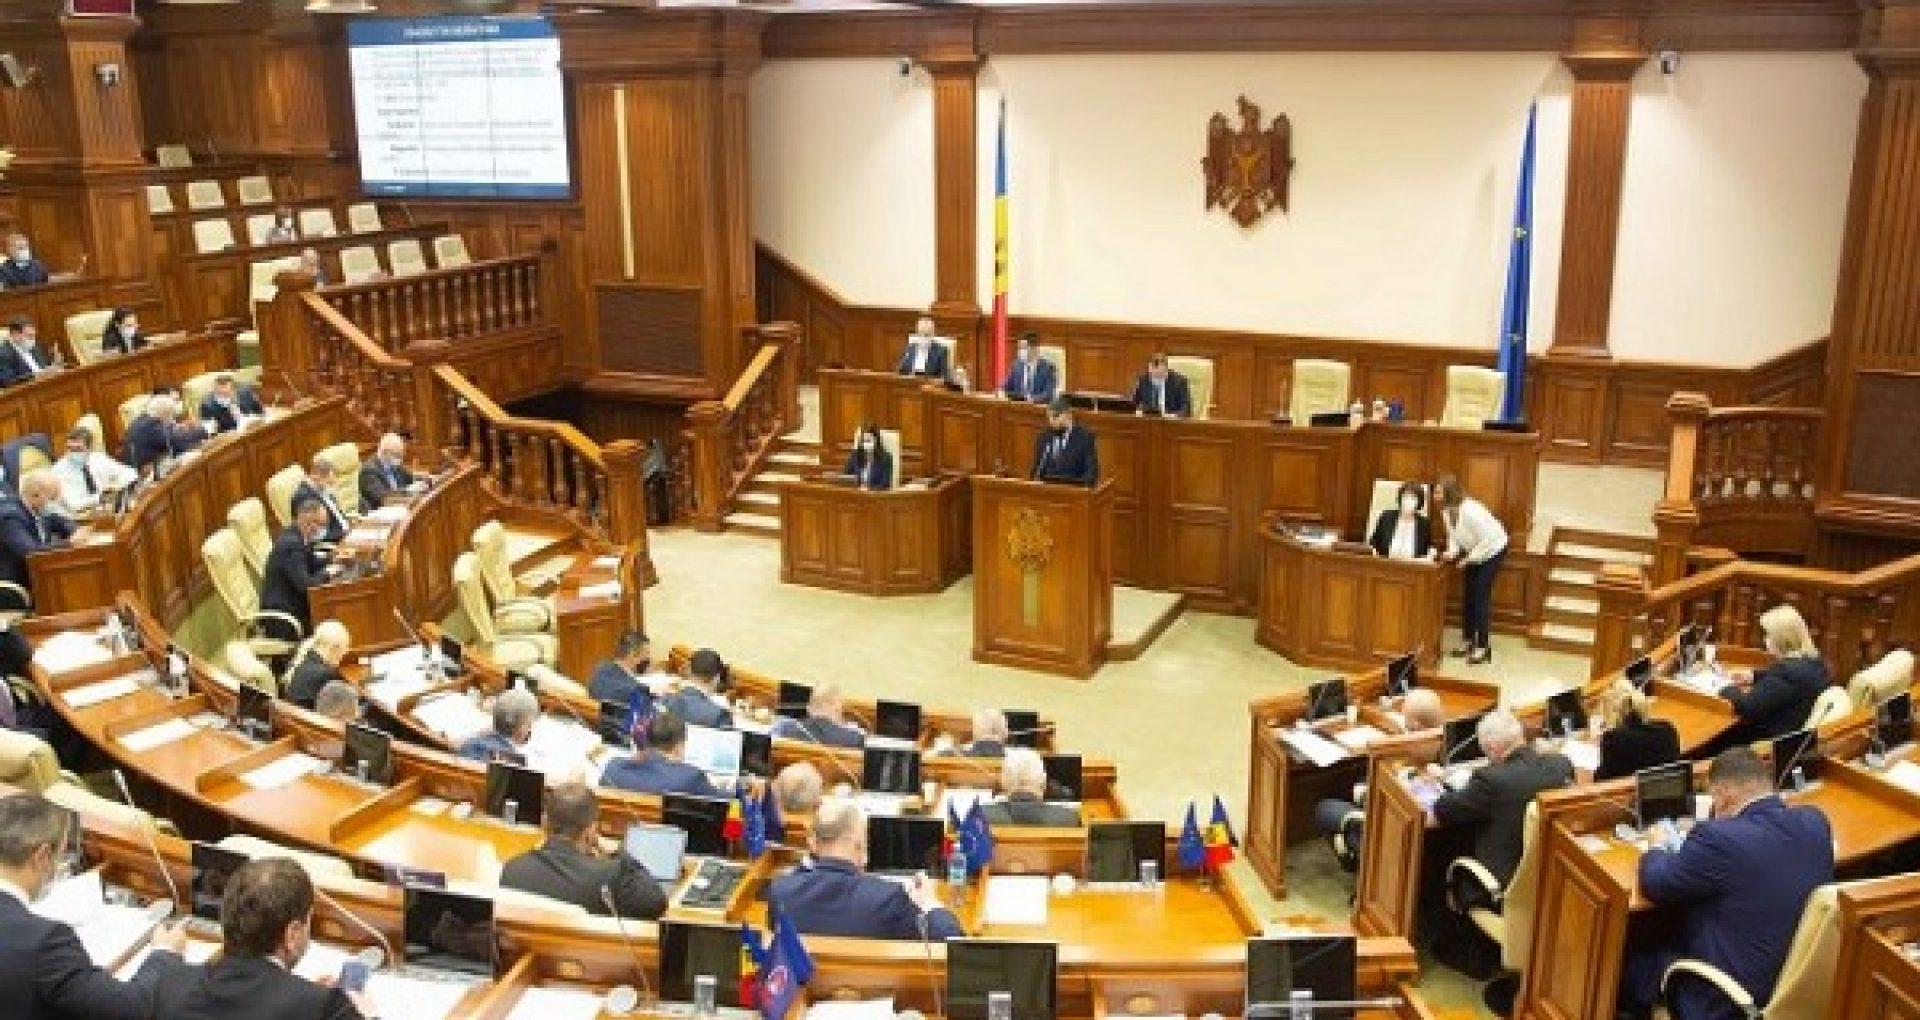 Legislația care reglementează angajarea străinilor la muncă în R. Moldova va fi modificată. Proiectul, votat în prima lectură